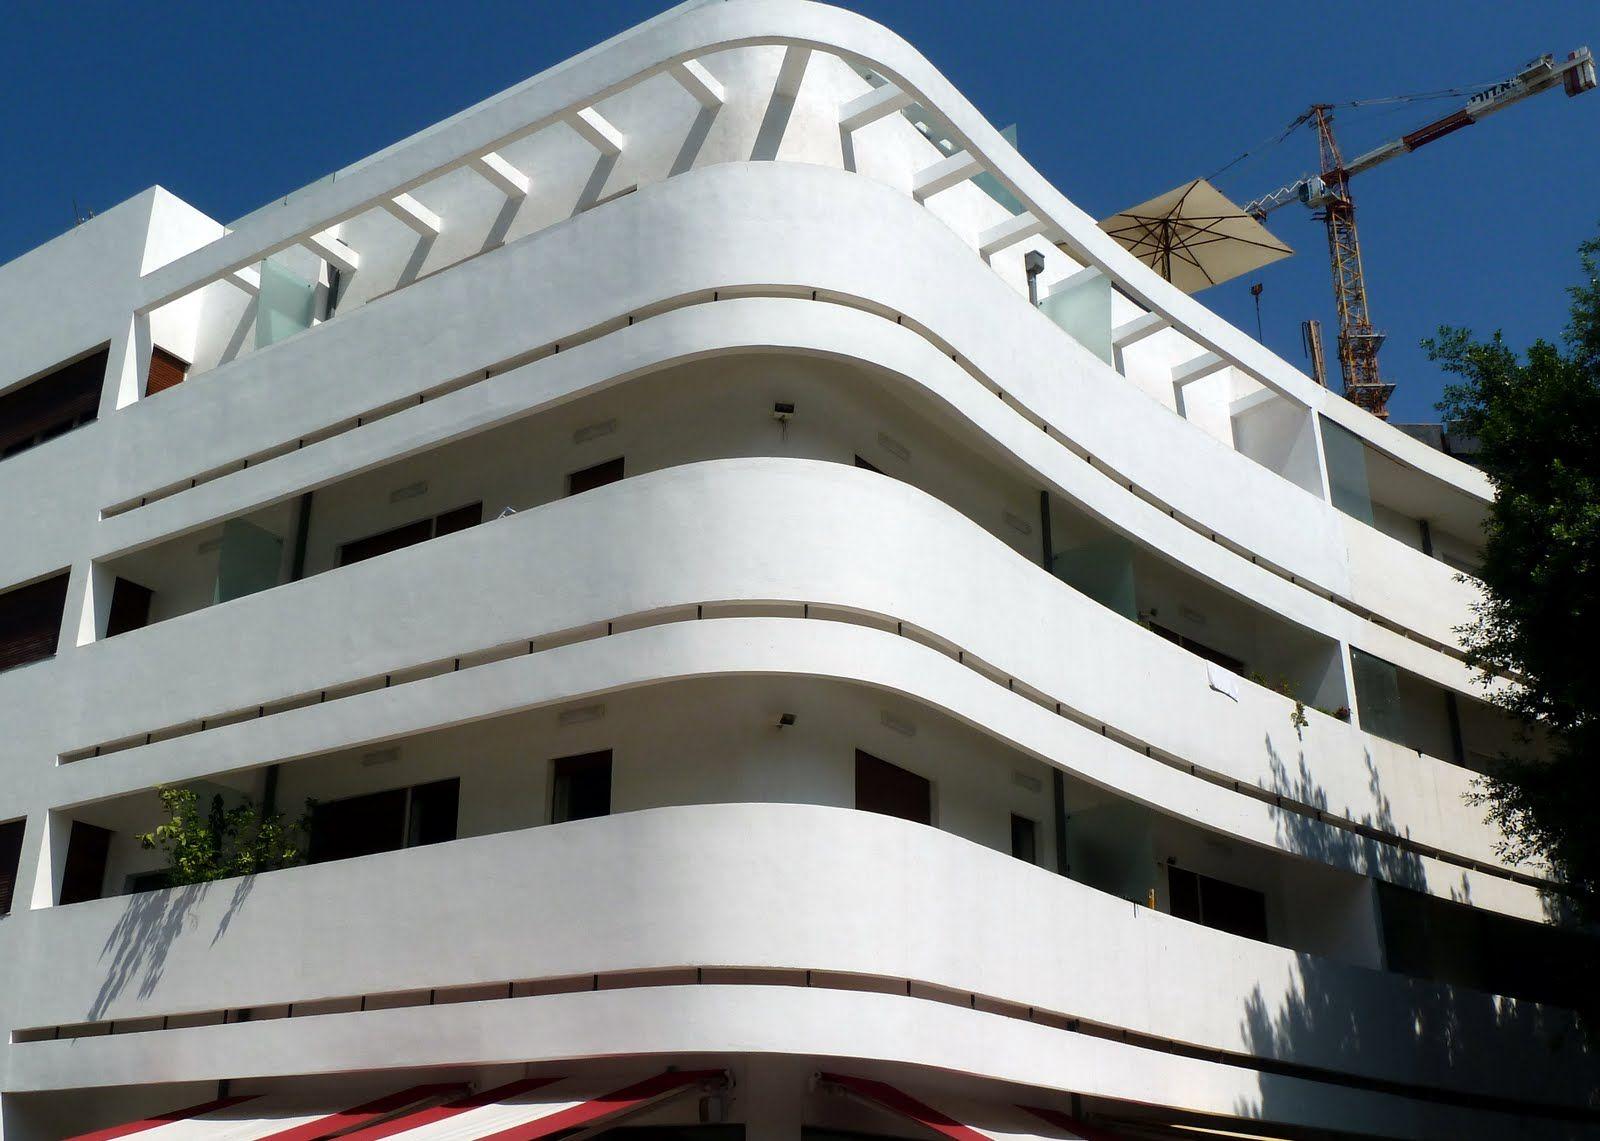 Tel Aviv Bauhaus | Tel Aviv | Bauhaus Architecture ...